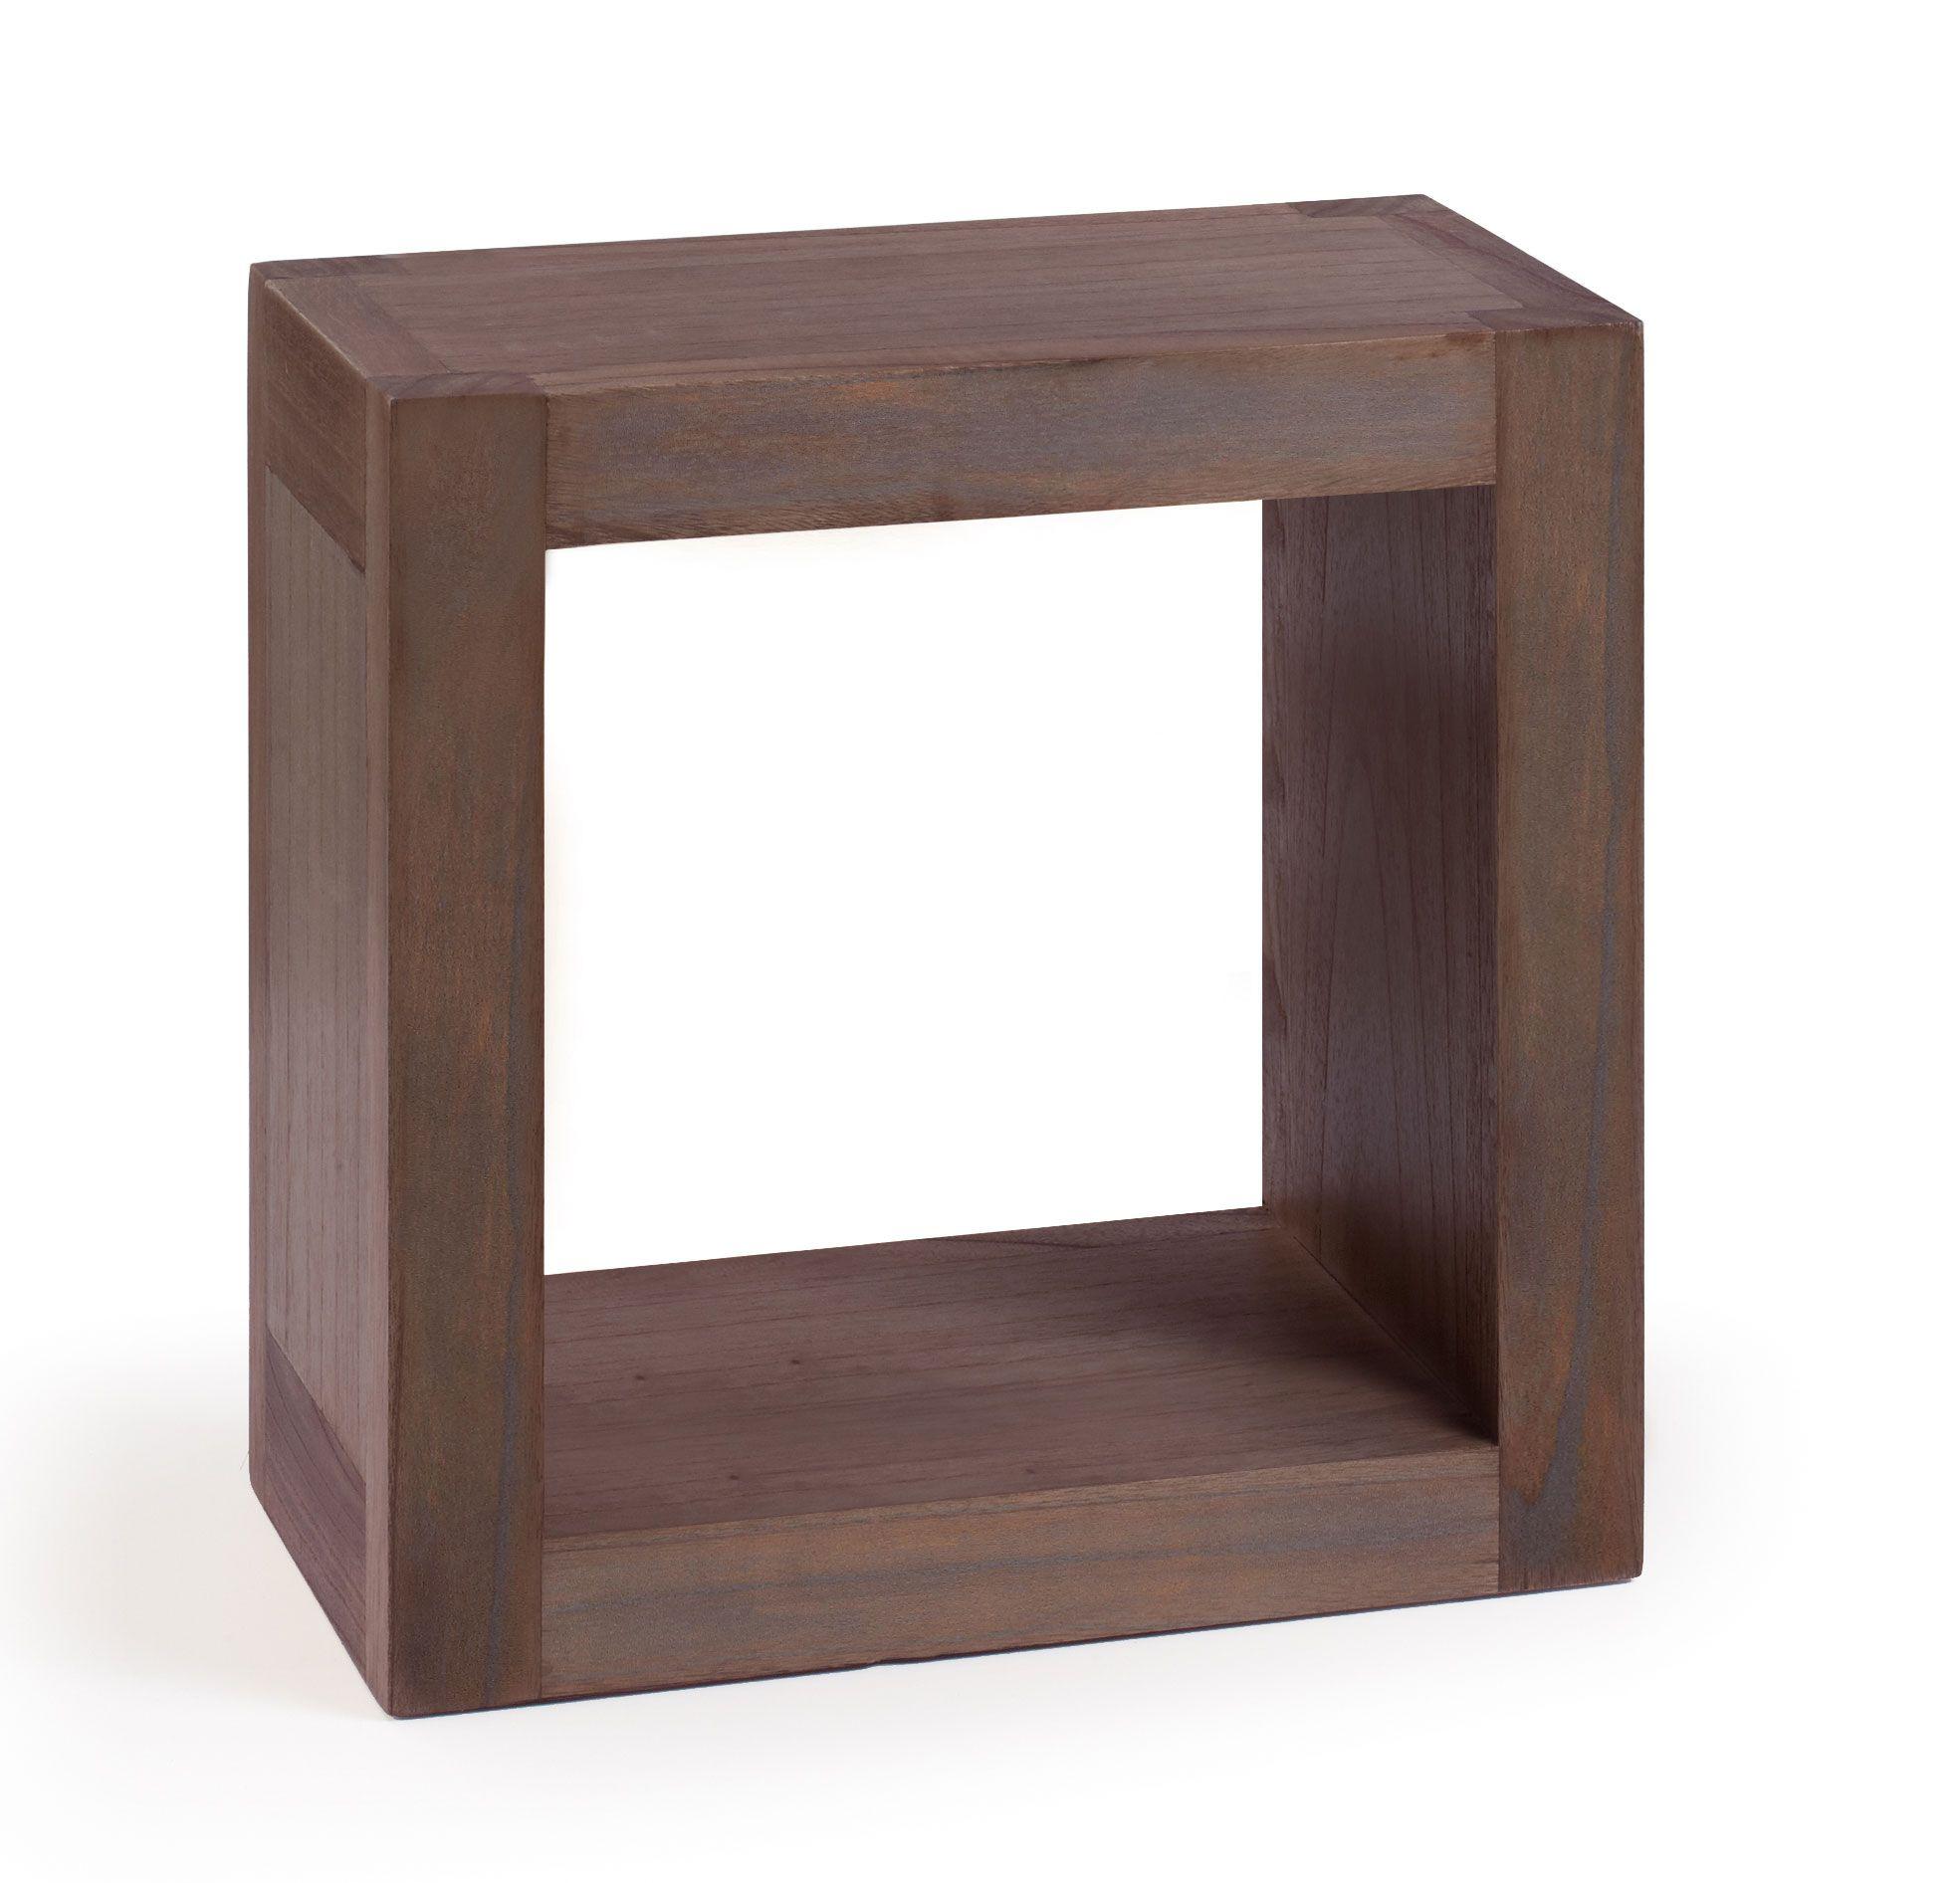 Muebles Originales Y Originales De Simples Muebles De Ikea Casas  # Muebles Raros Originales